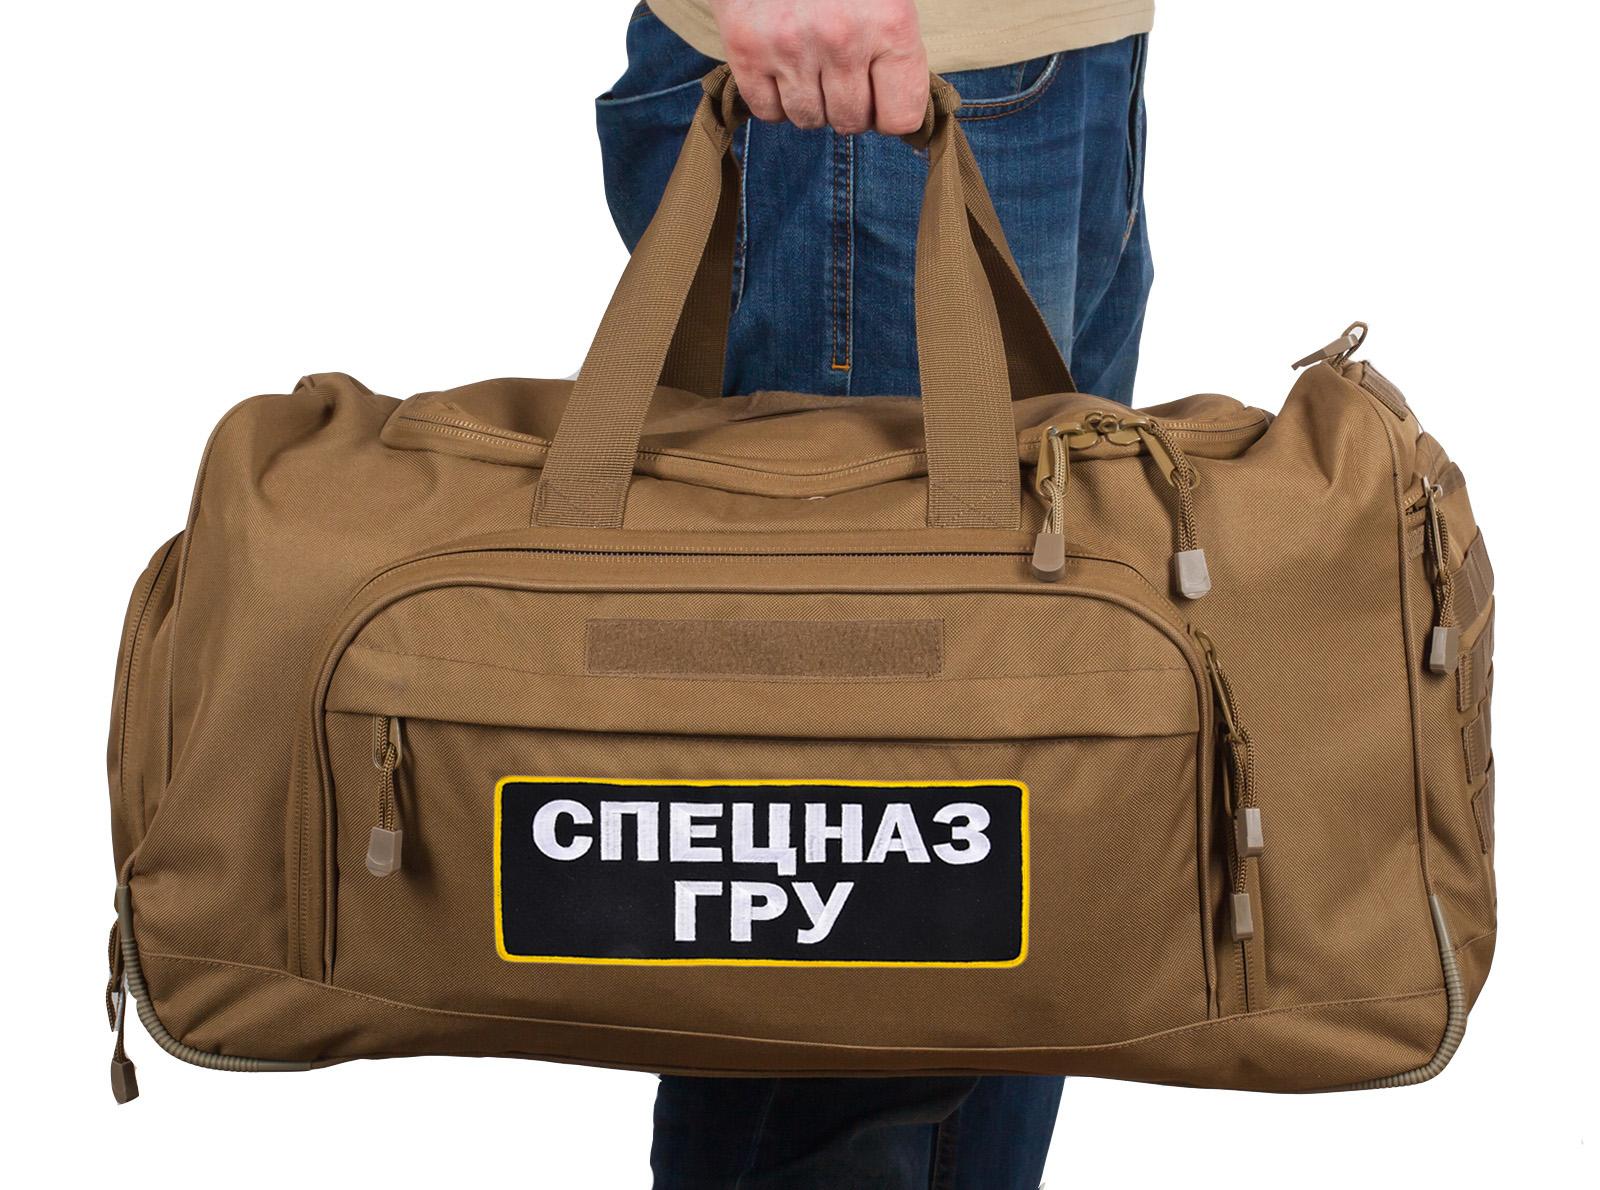 Недорогие тактические сумки Coyote для спецназа ГРУ